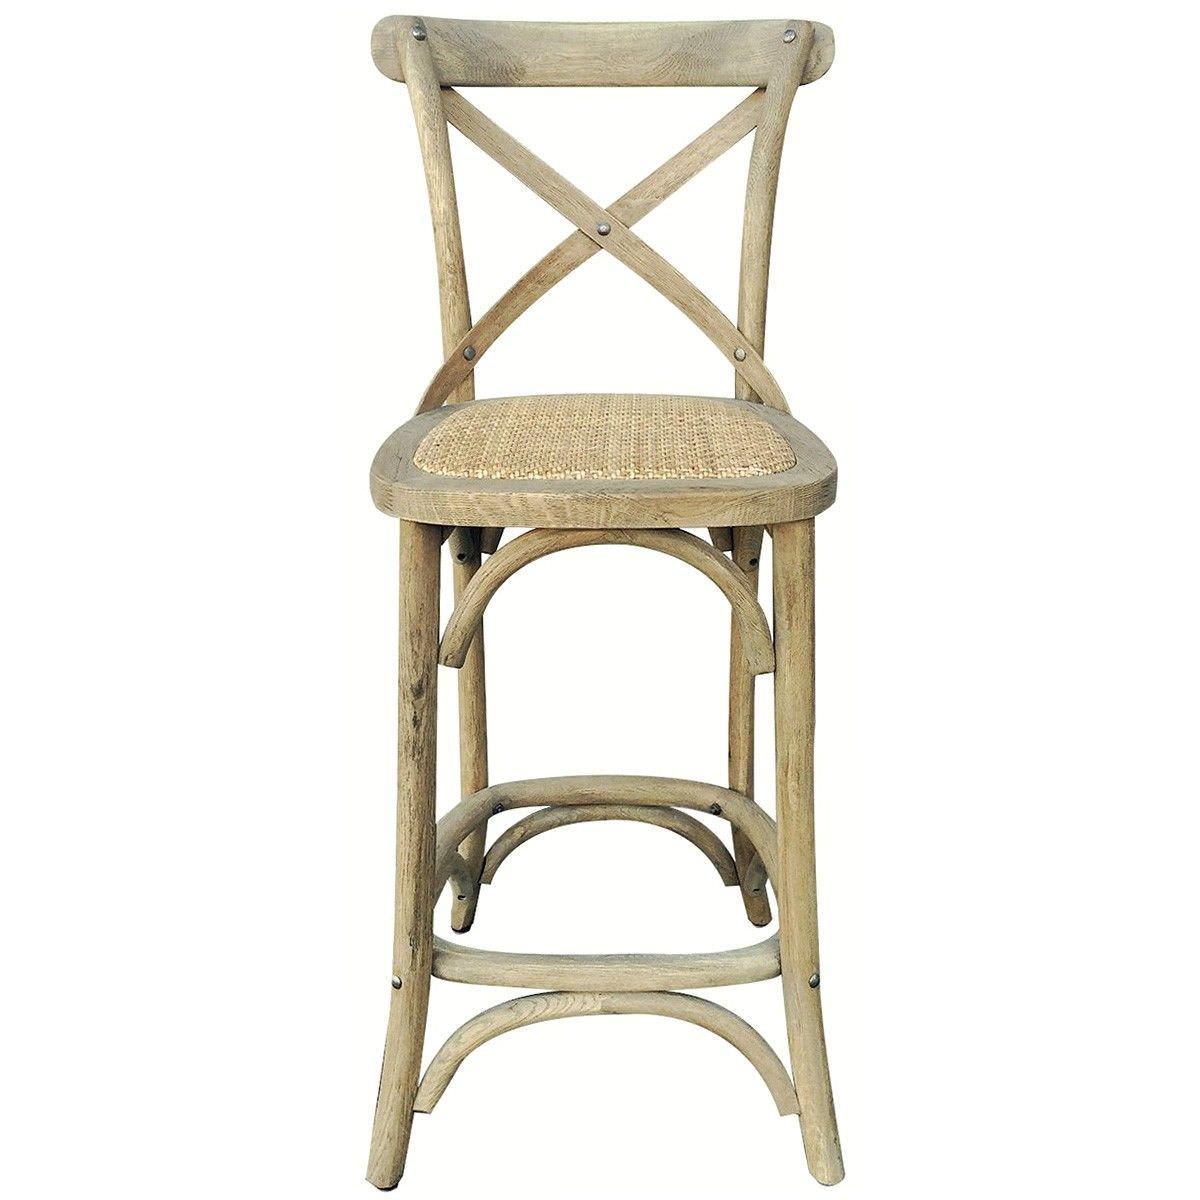 kasan oak timber cross back counter stool with rattan seat